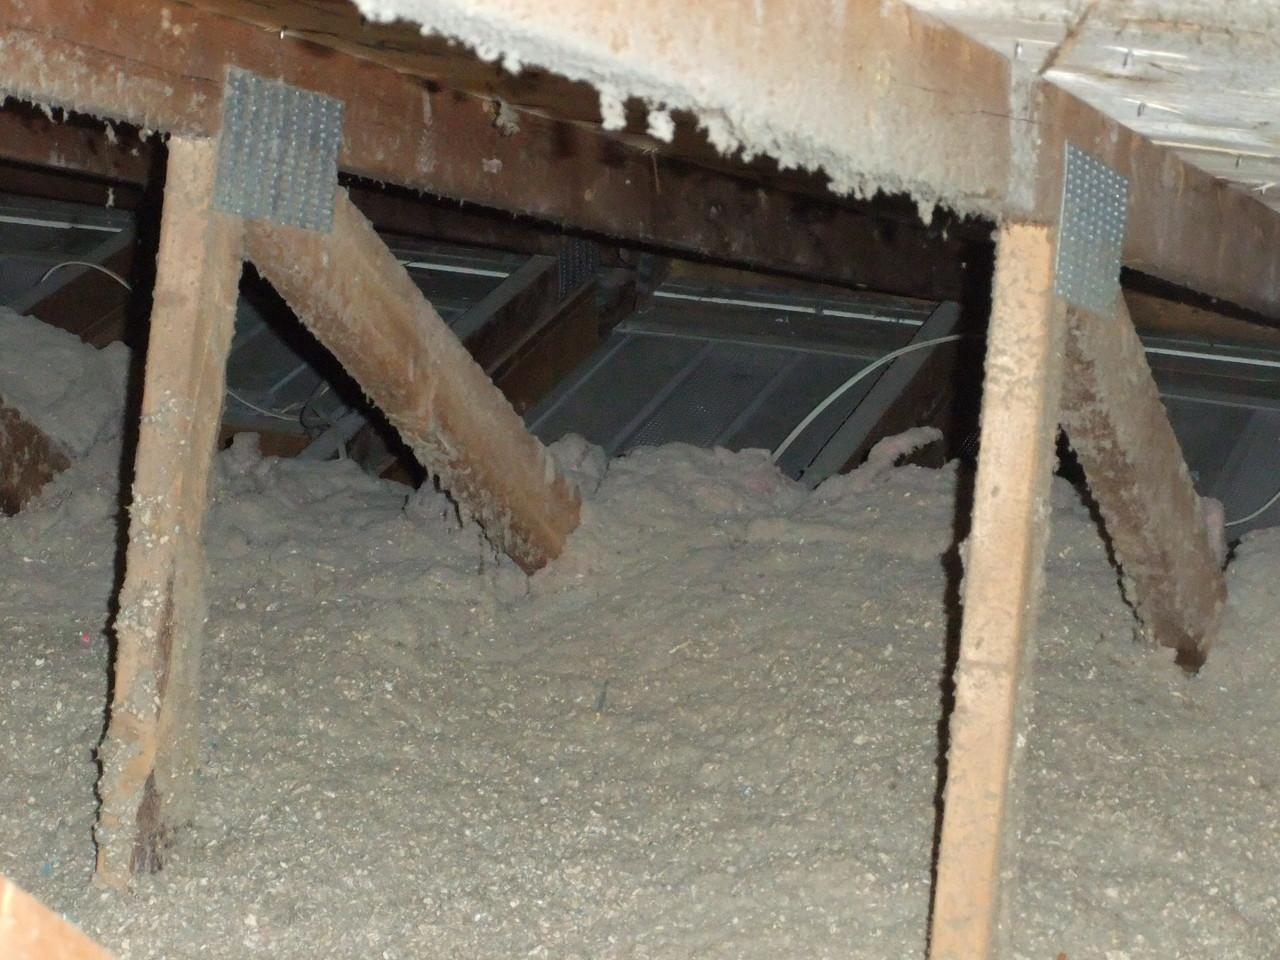 Isolant dans l'entretoit touchant au pontage du toit